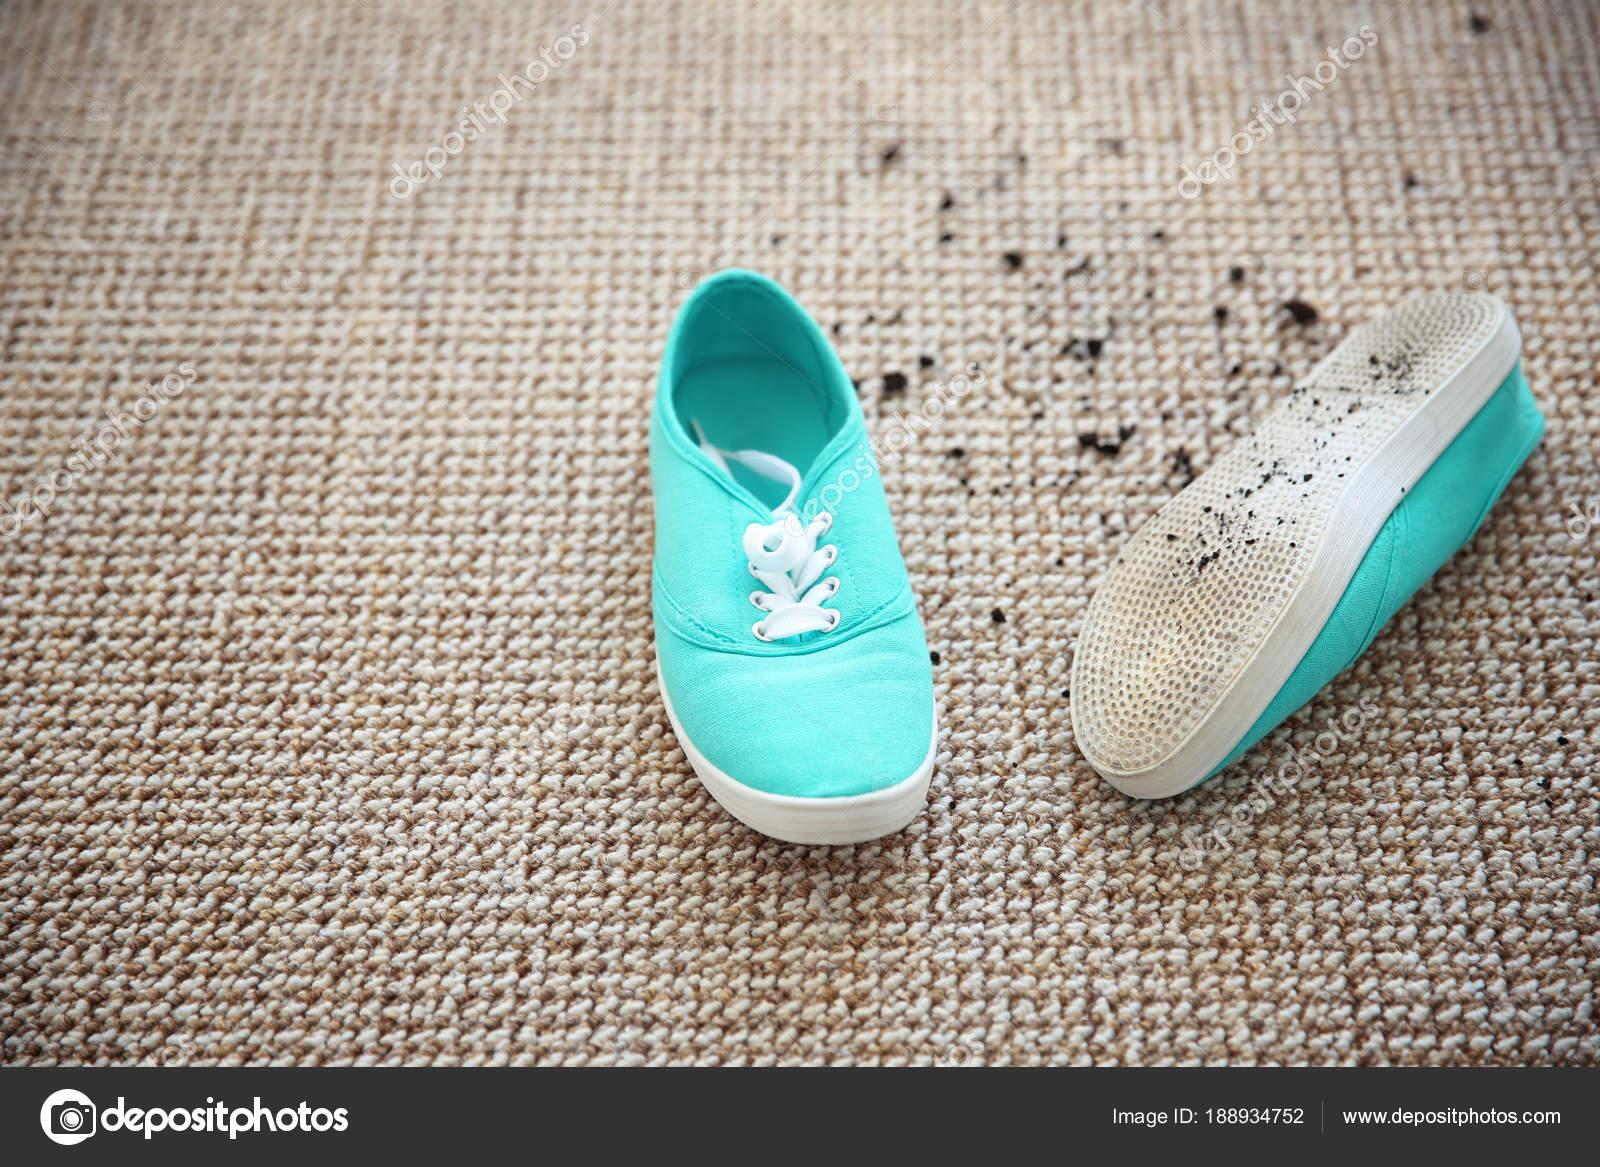 туфли с грязью на ковер стоковое фото Liudmilachernetska Gmail